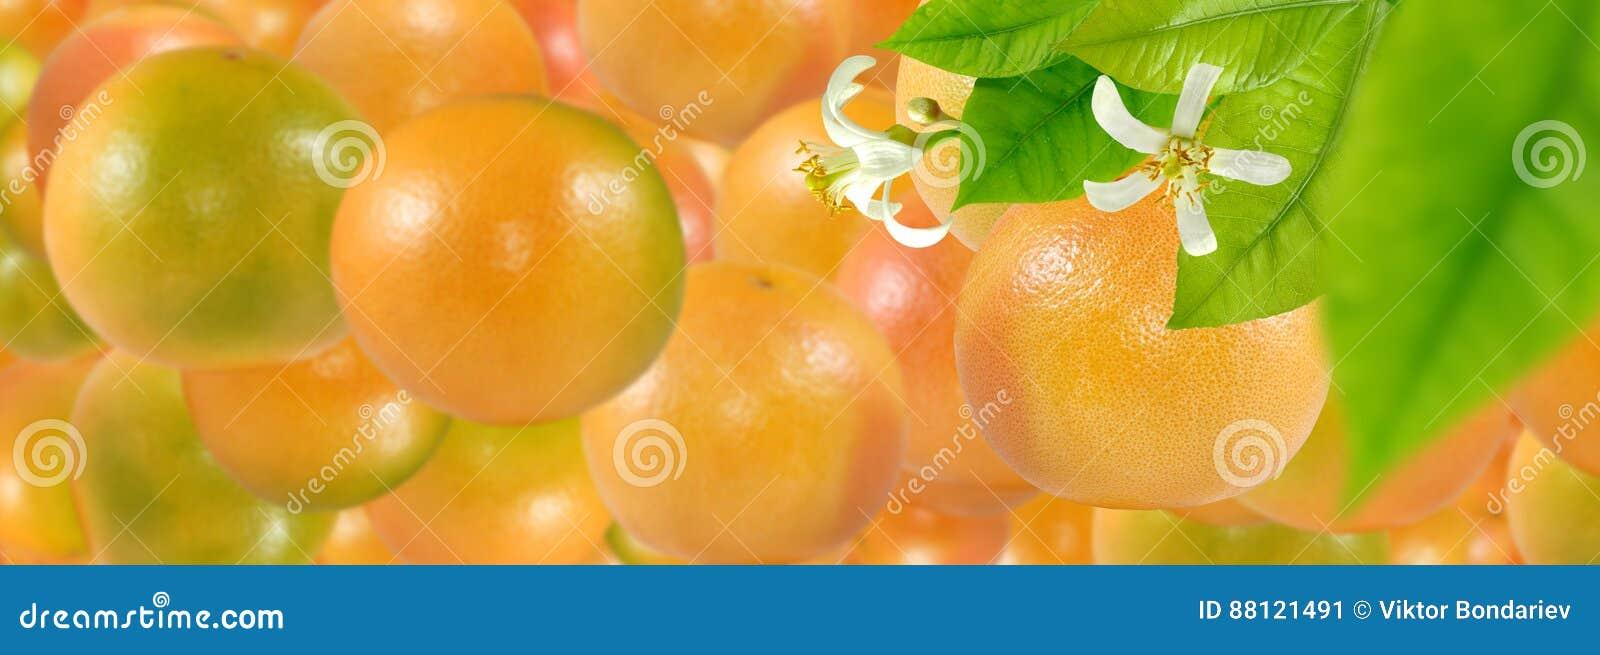 L immagine di molte arance mature deliziose si chiude su